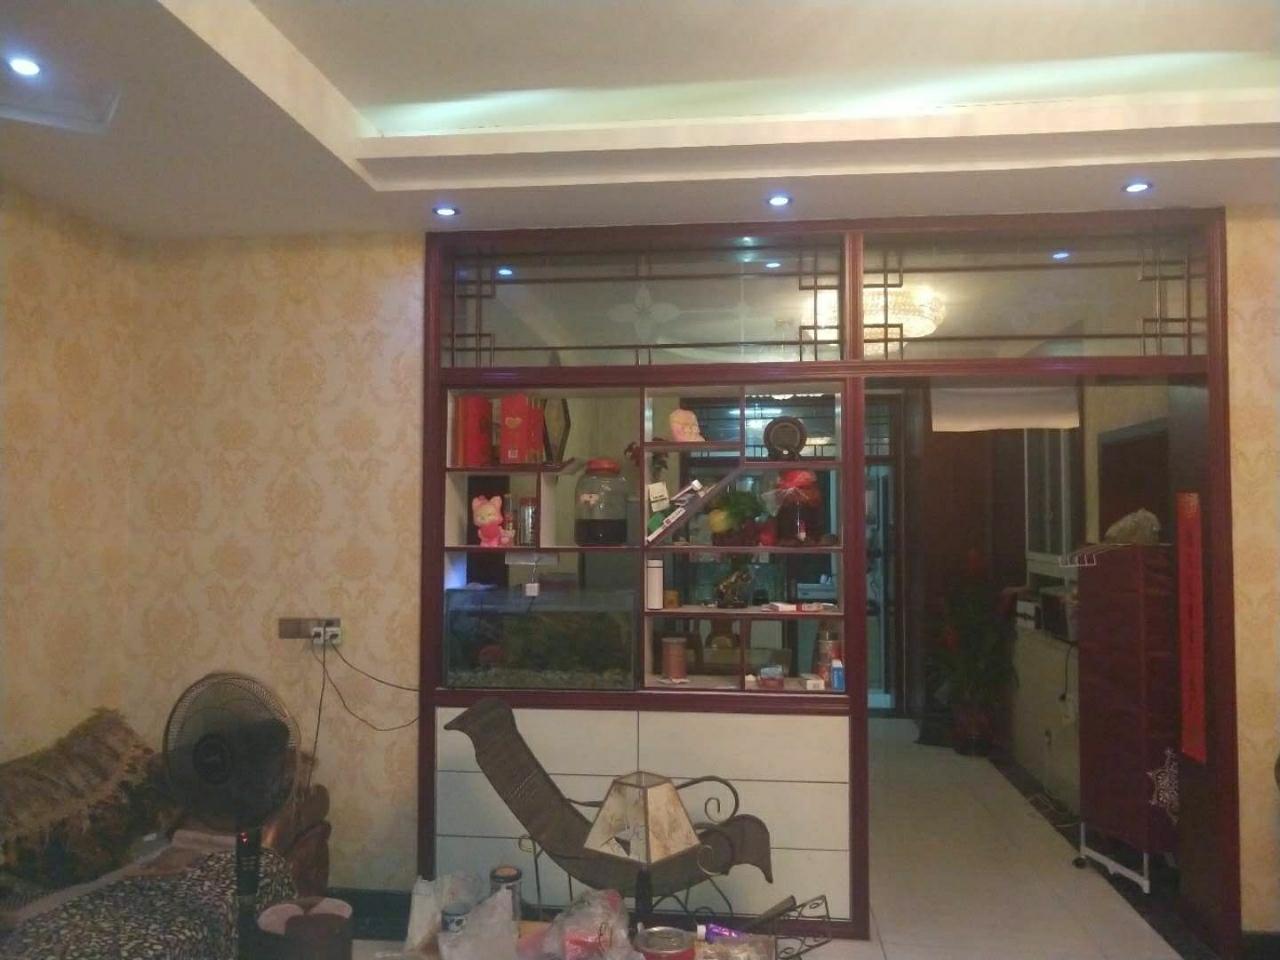 旅游餐厅3室 2厅 1卫34.5万元